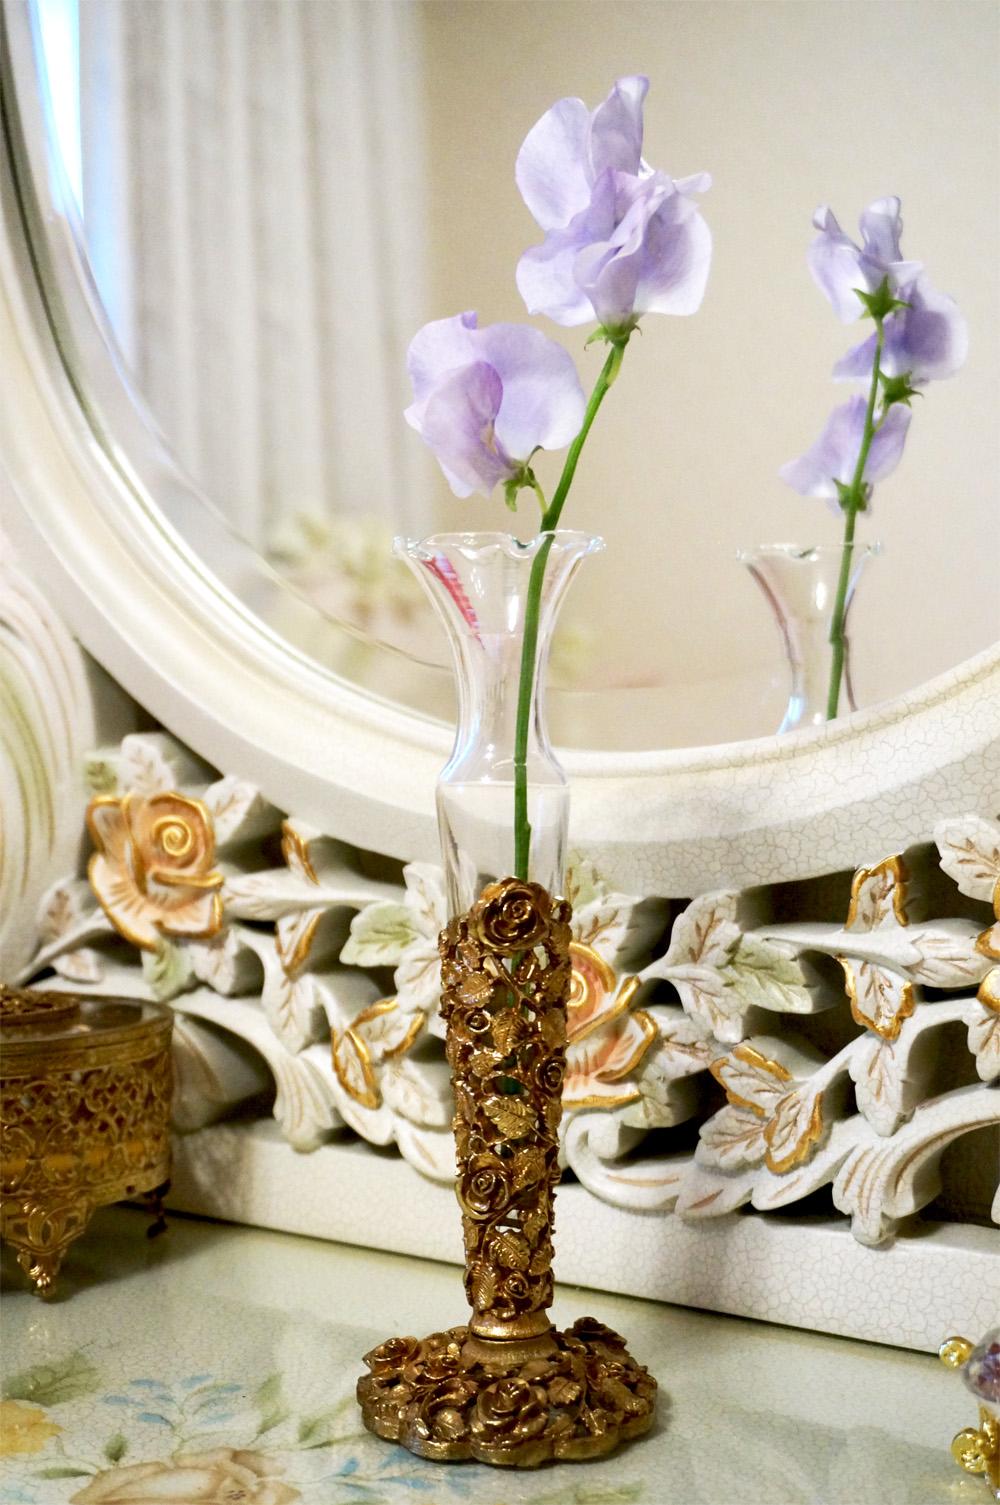 Sold:マトソン製 ゴールド ローズ 花瓶